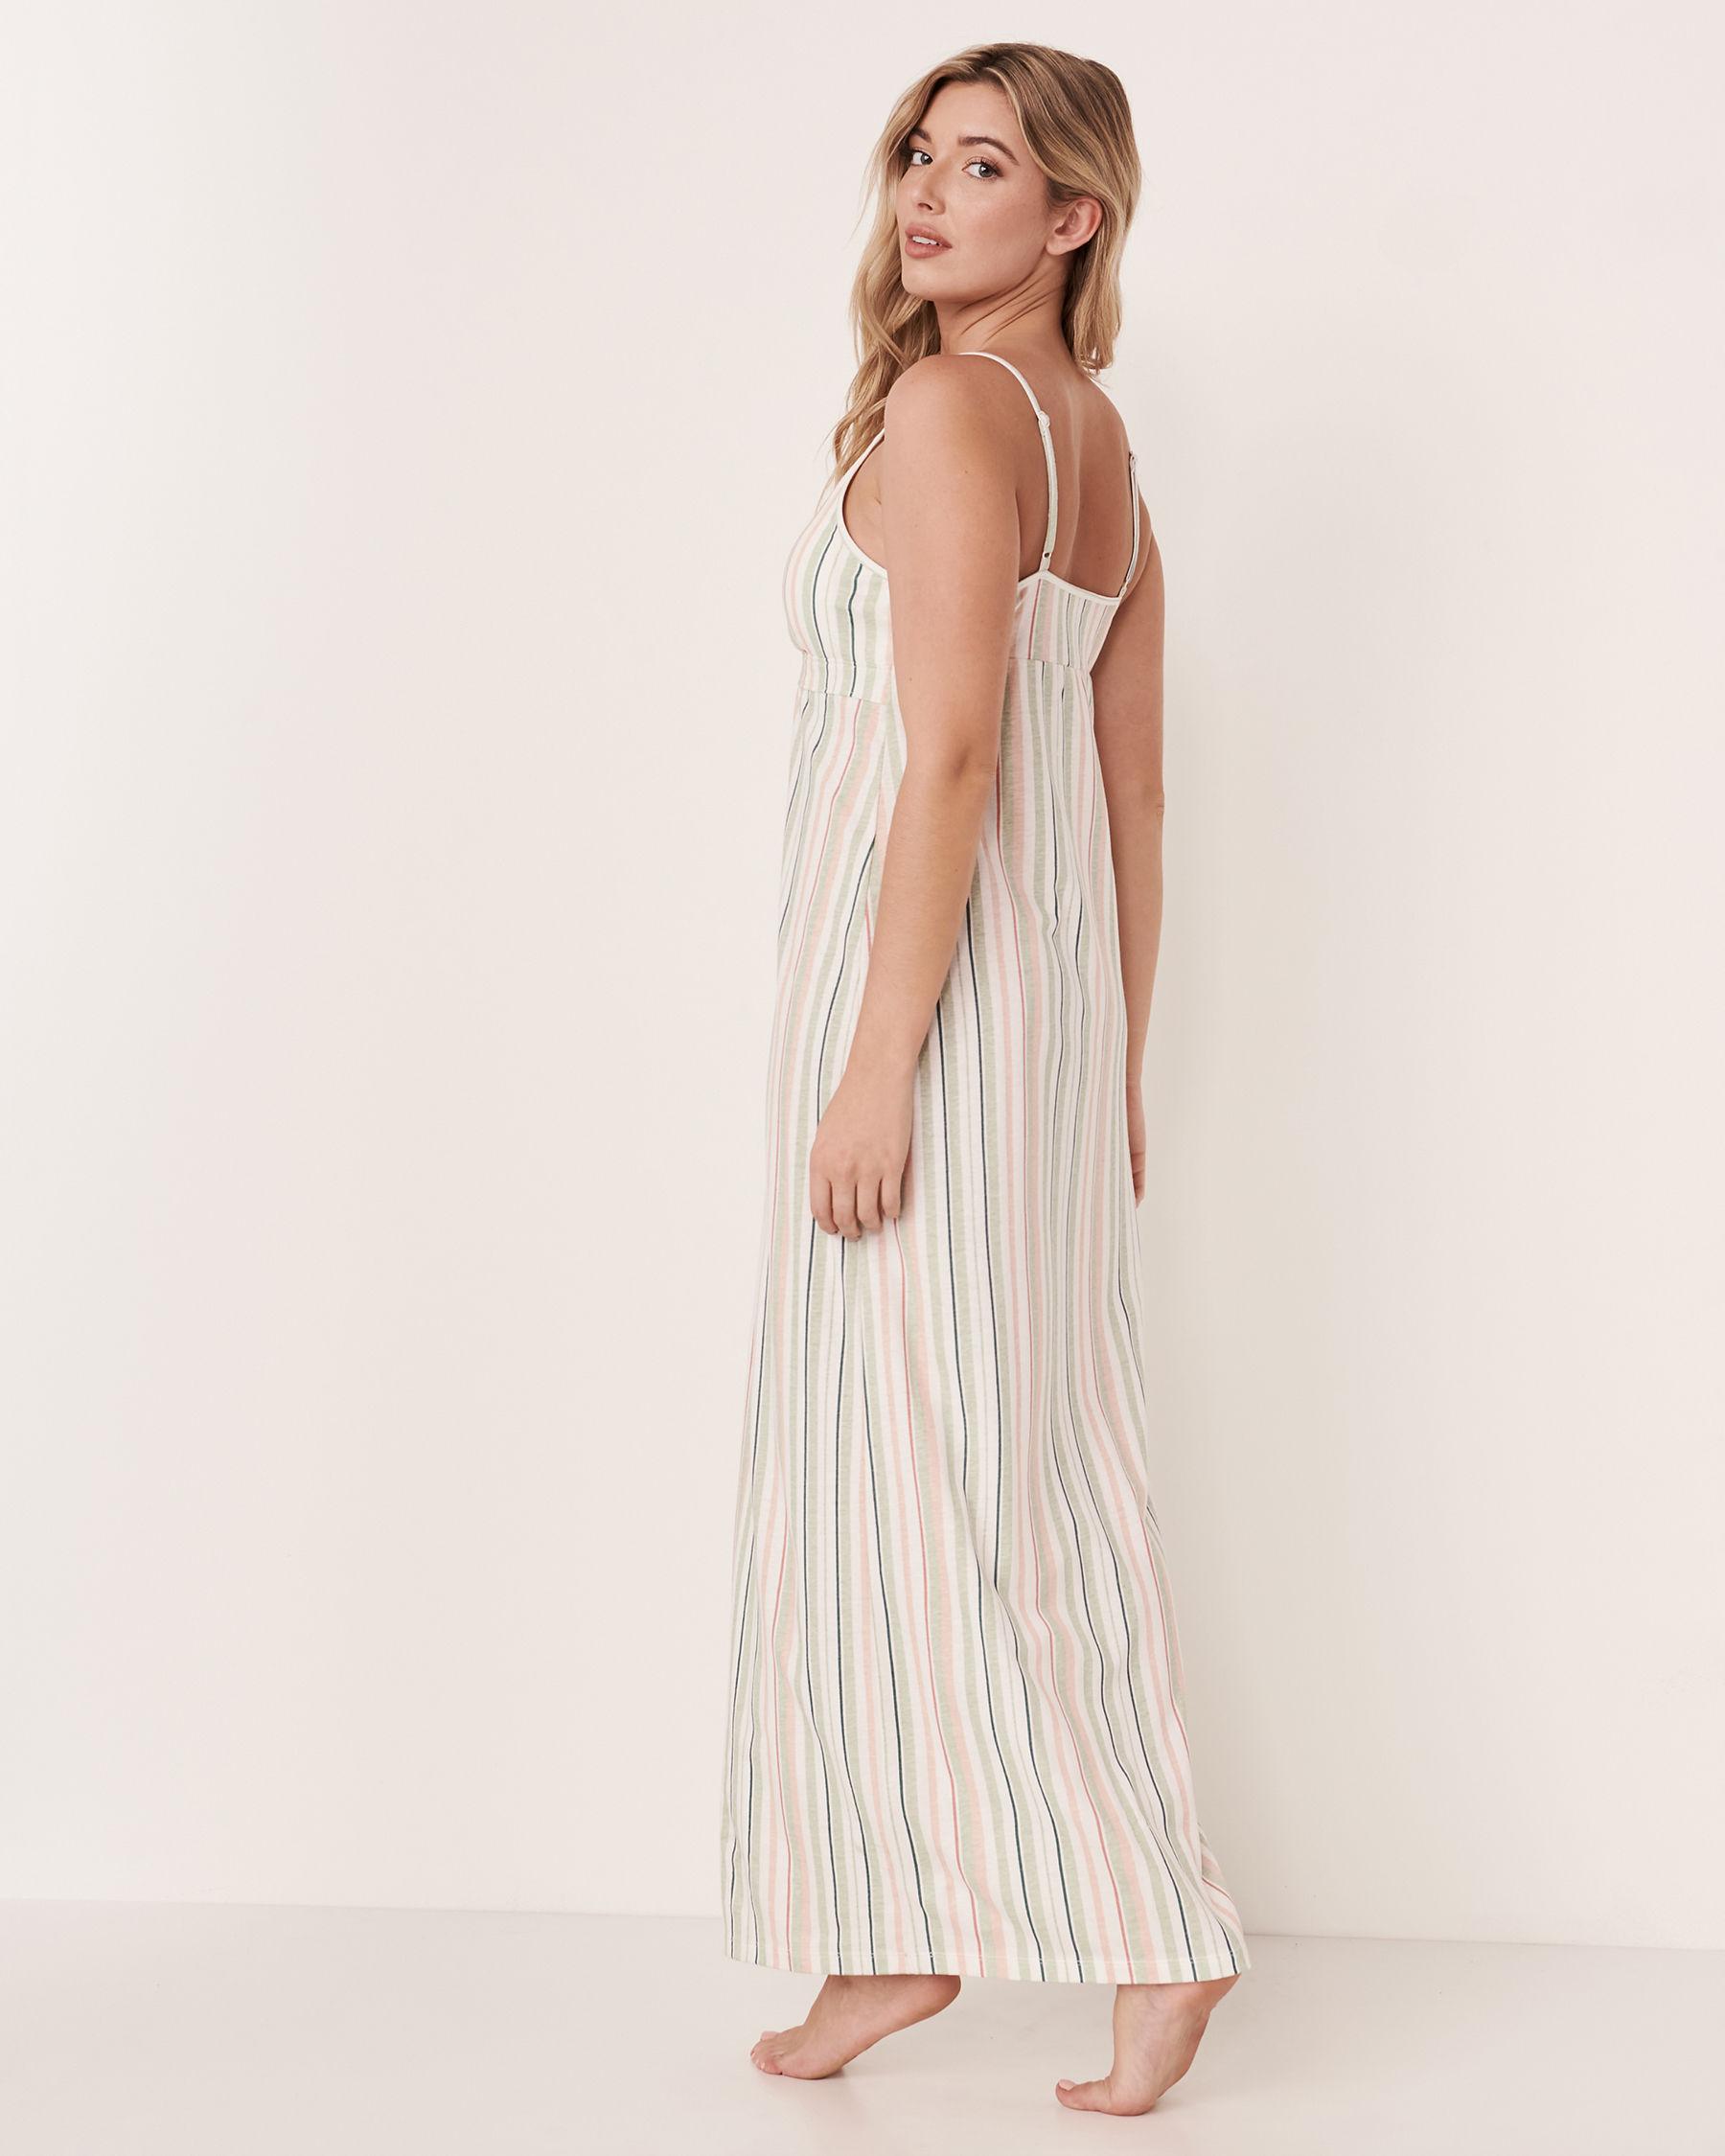 LA VIE EN ROSE Thin Straps Gown Multi stripes 40500070 - View2